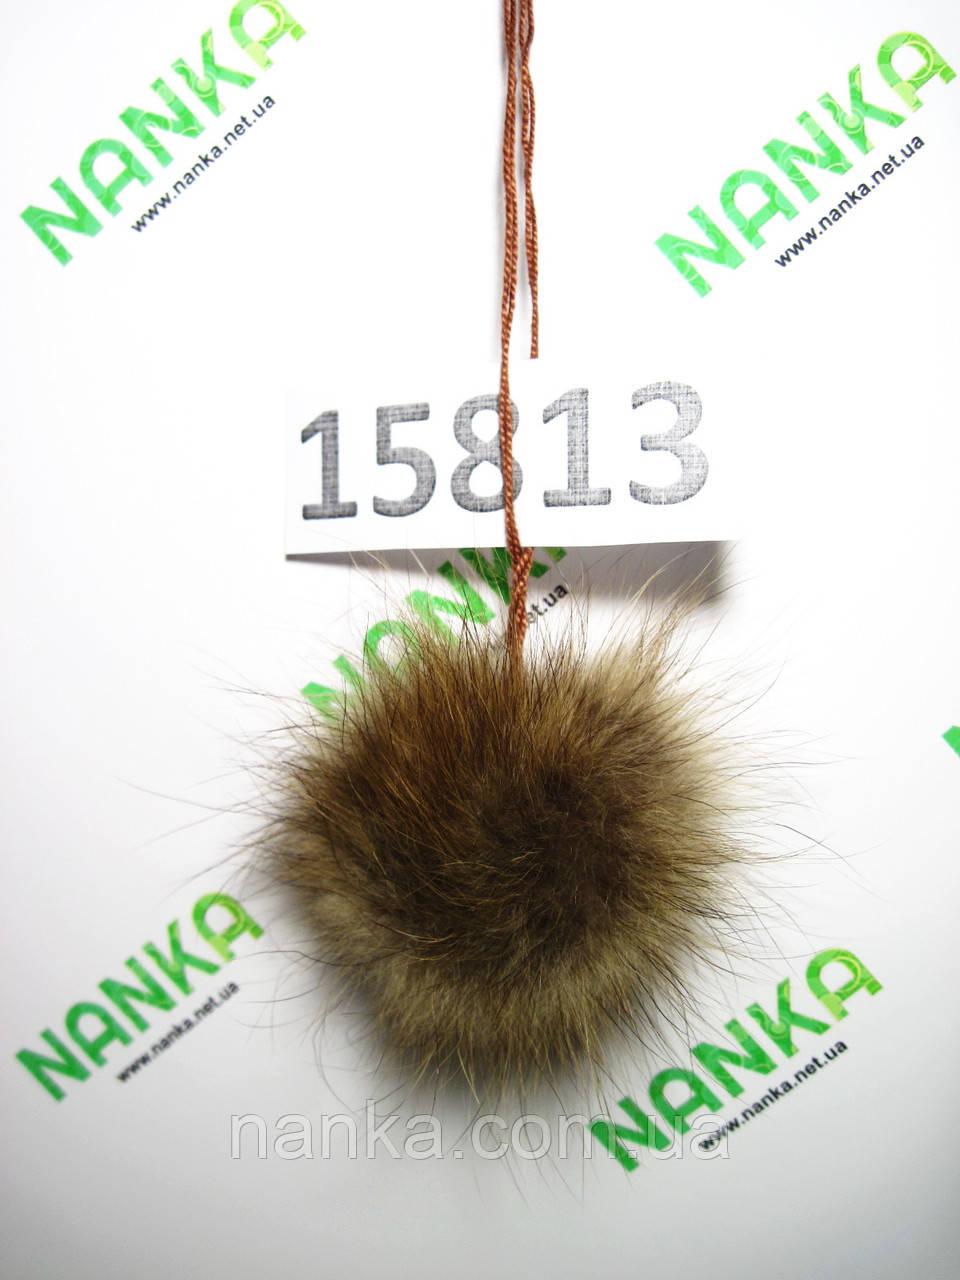 Меховой помпон Енот, 6/8 см, 15813